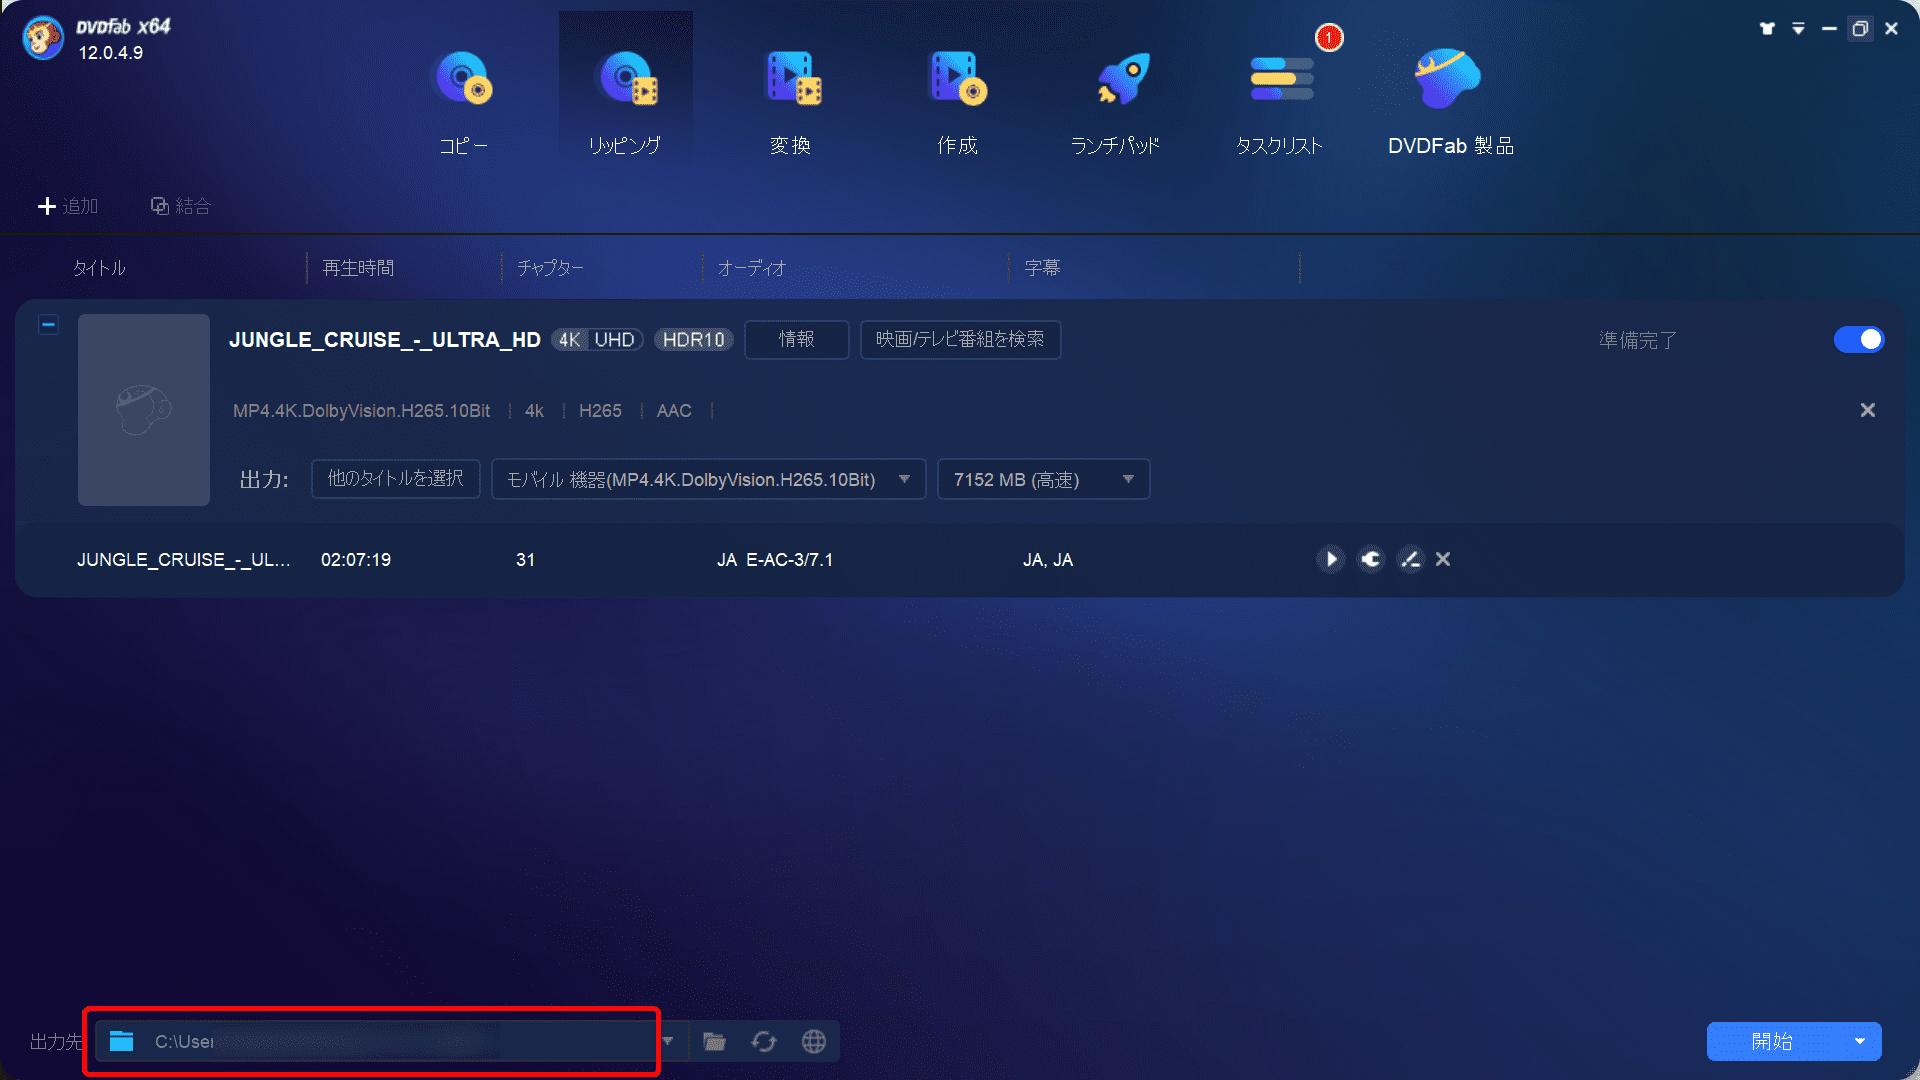 DVDFab12 4K UHDブルーレイのコピー方法 無料でコピーガード解除して4K UHDブルーレイをパソコンに永久保存する方法 ISOファイルをiPhoneに適した形式に変換する:操作画面下部の「出力先」の欄に指定した保存先が反映されていればOKです。